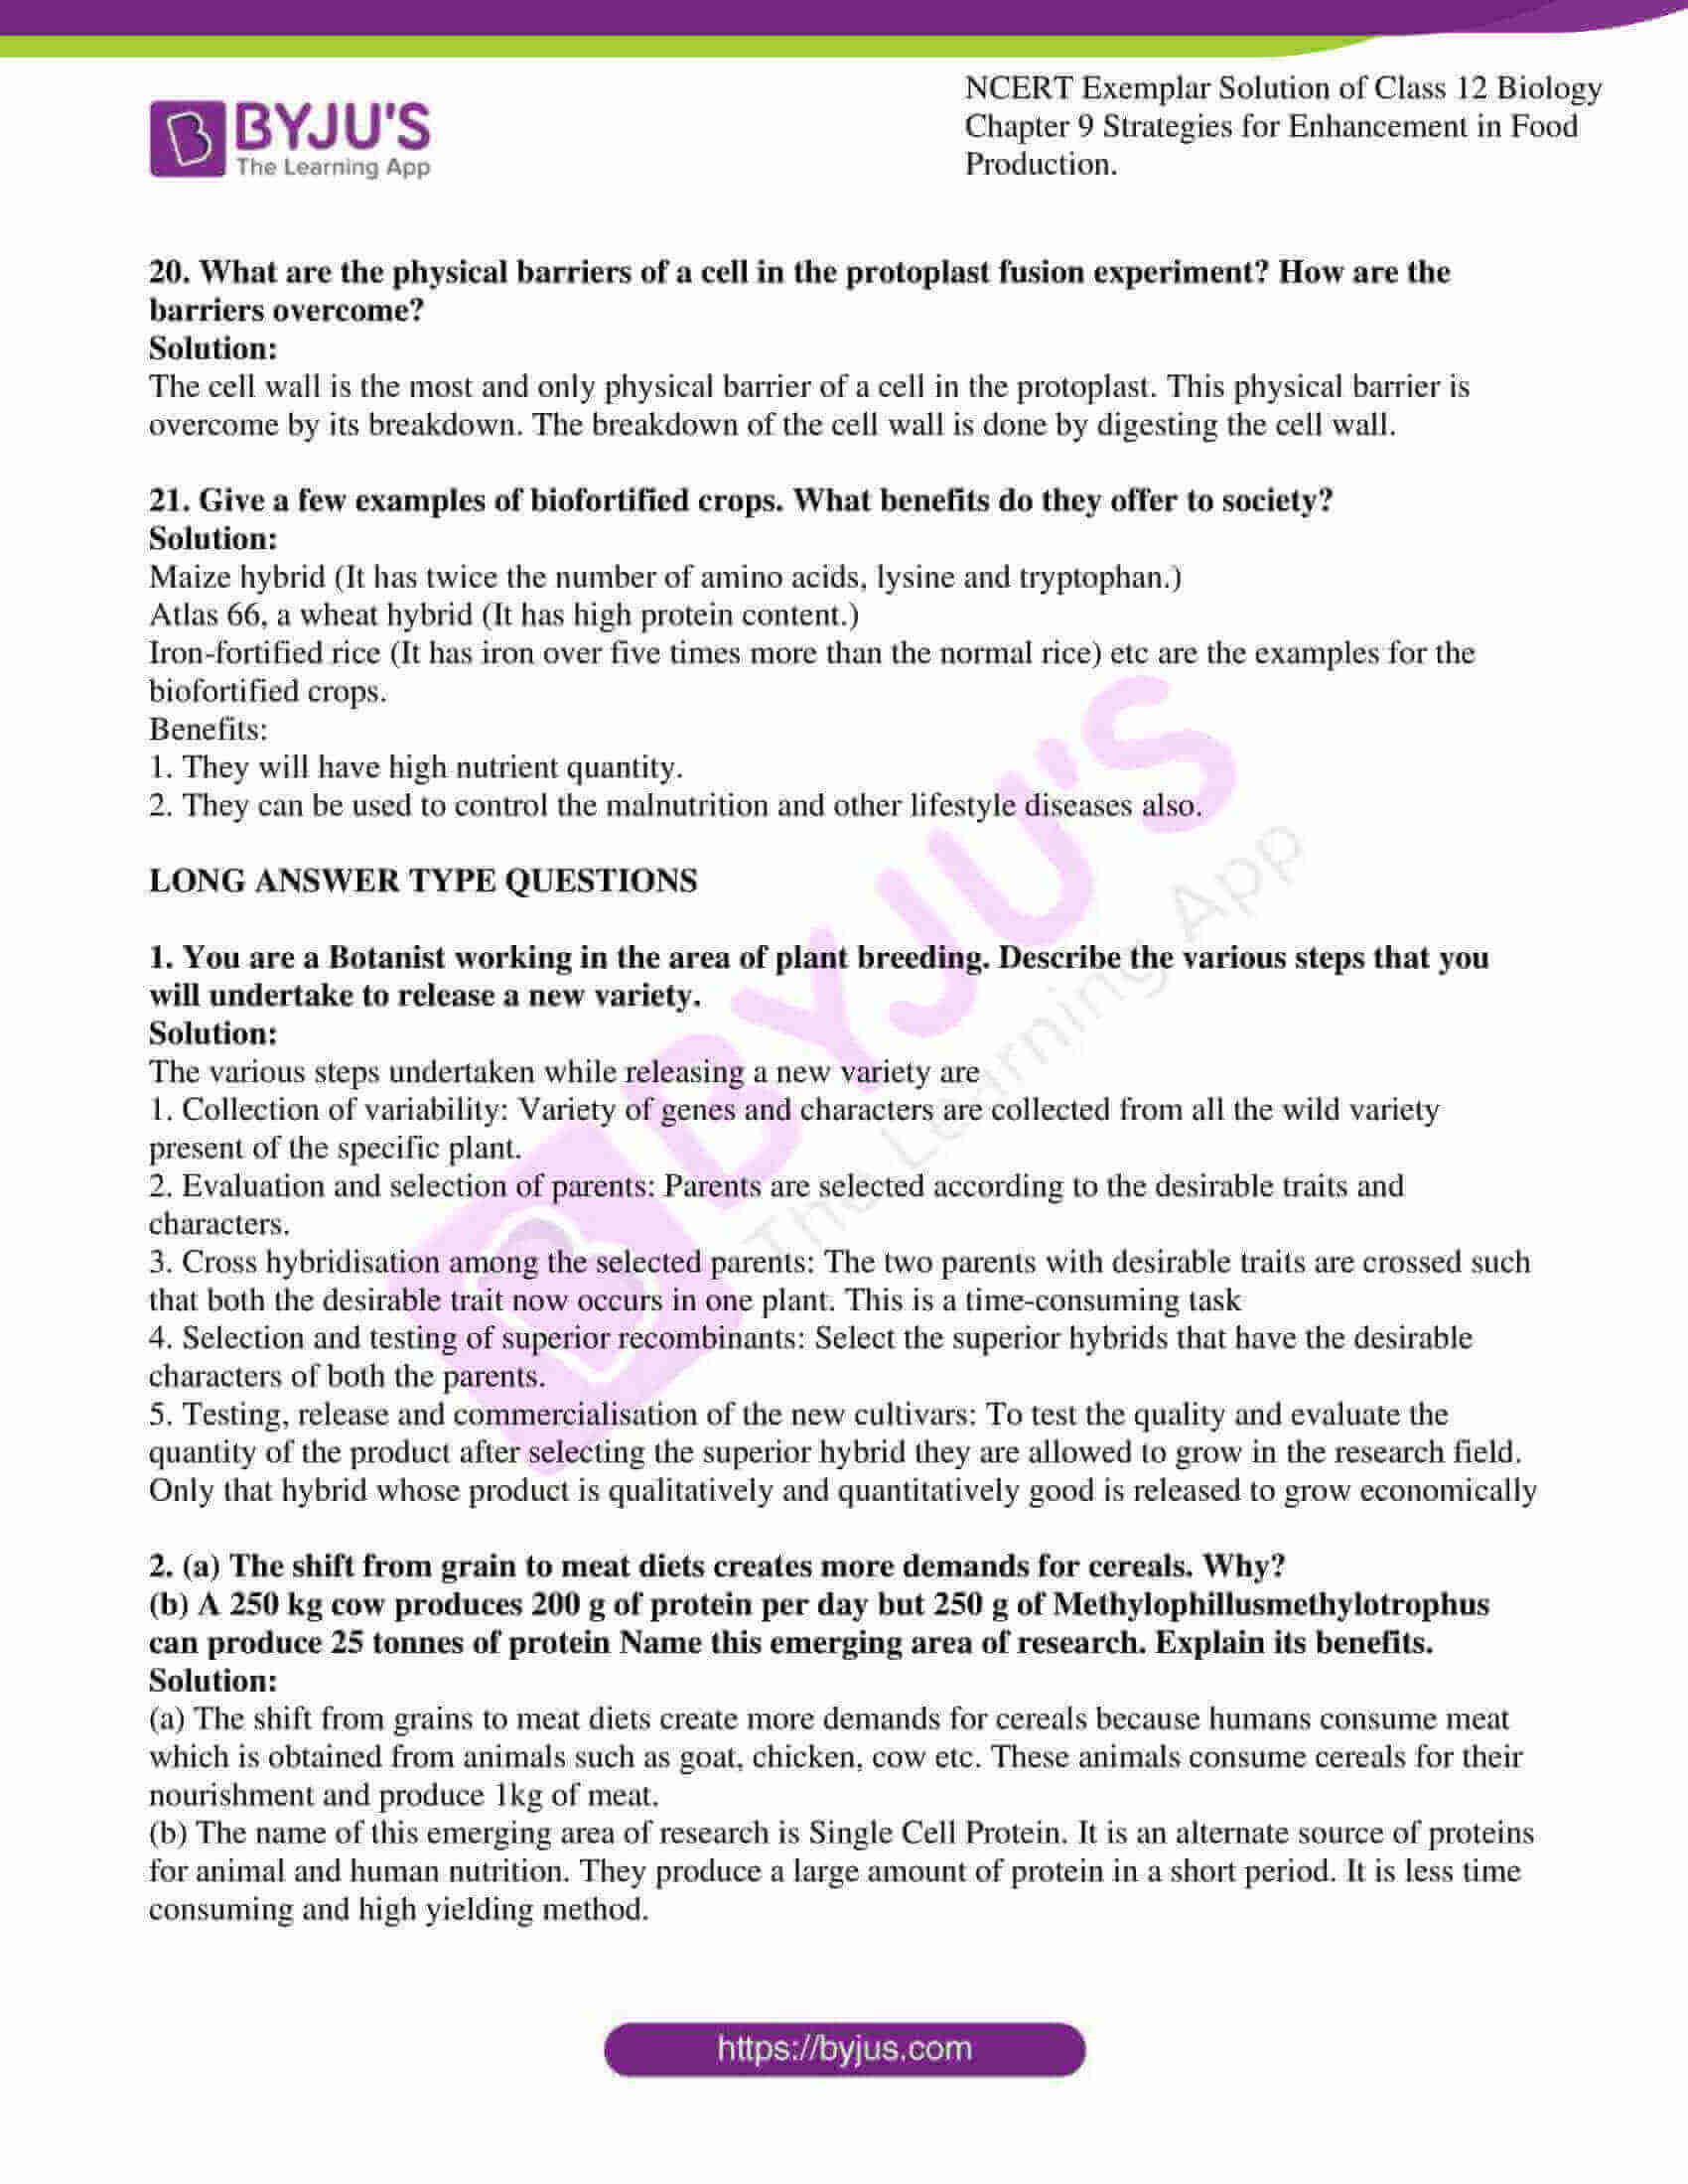 ncert exemplar solution of class 12 biology chapter 9 12